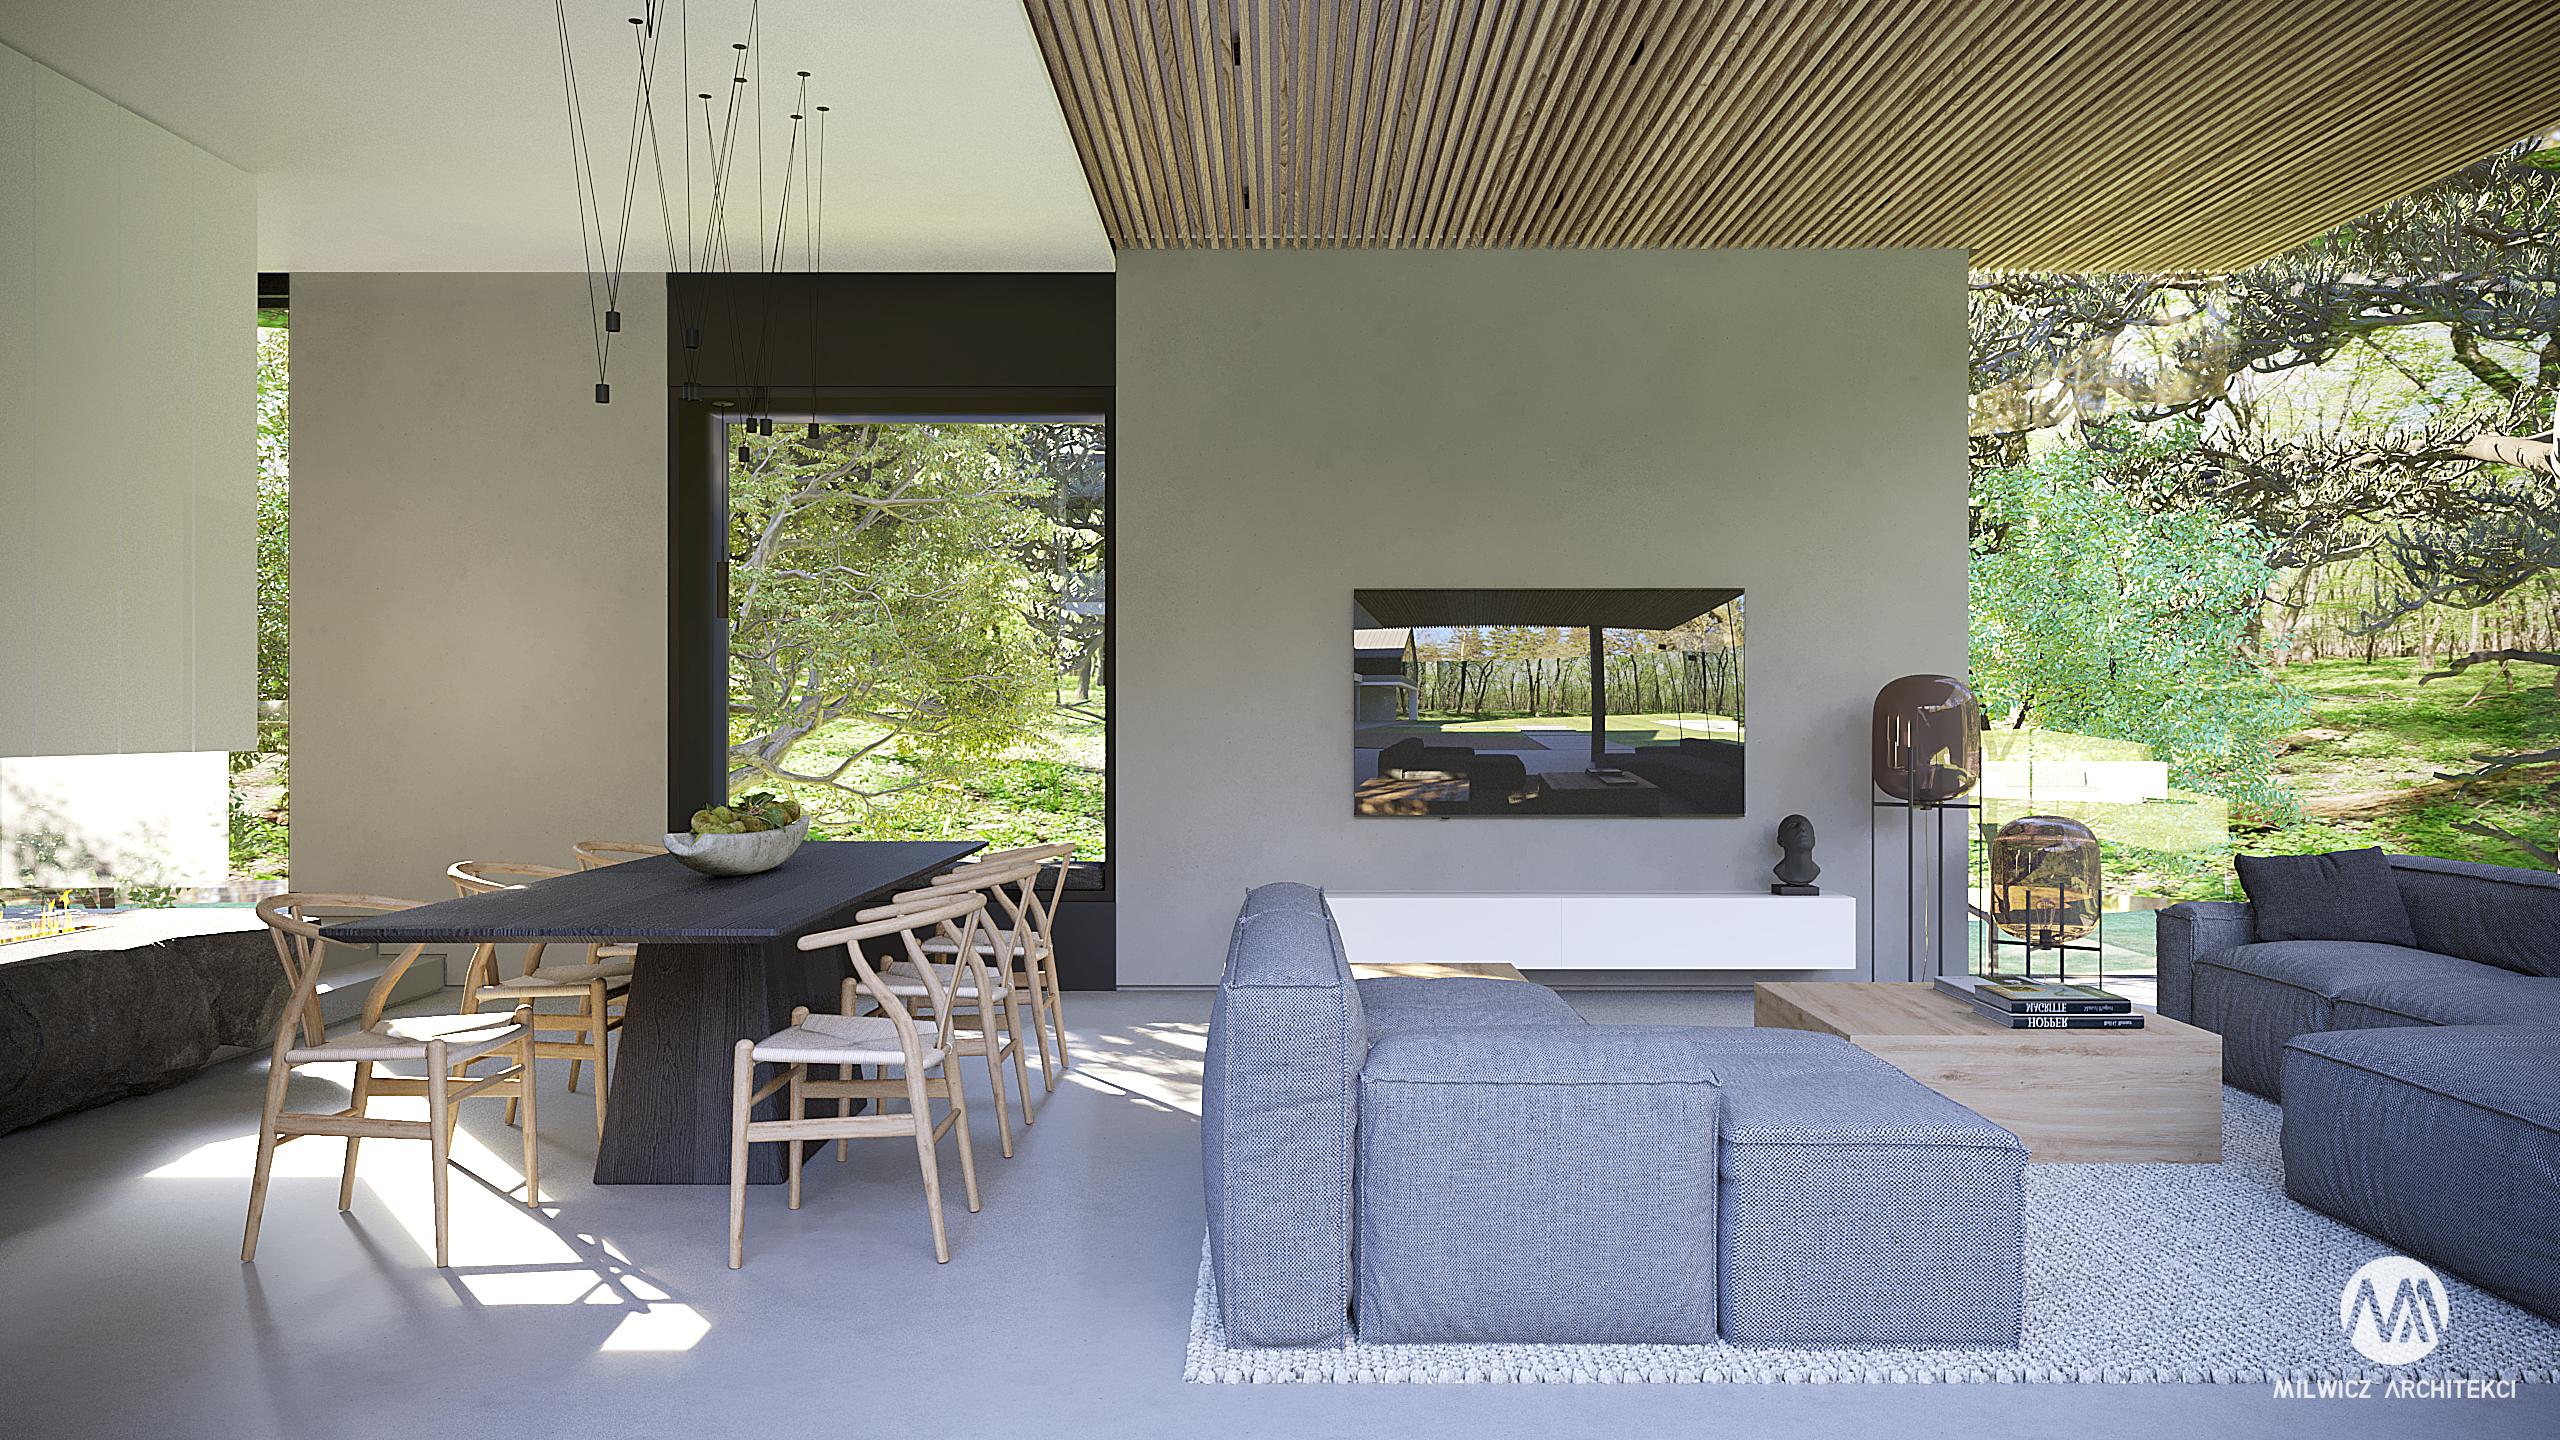 projekt Mielno, projekt indywidualny, minimalizm, beton architektoniczny, duże przeszklenia, sufit drewniany